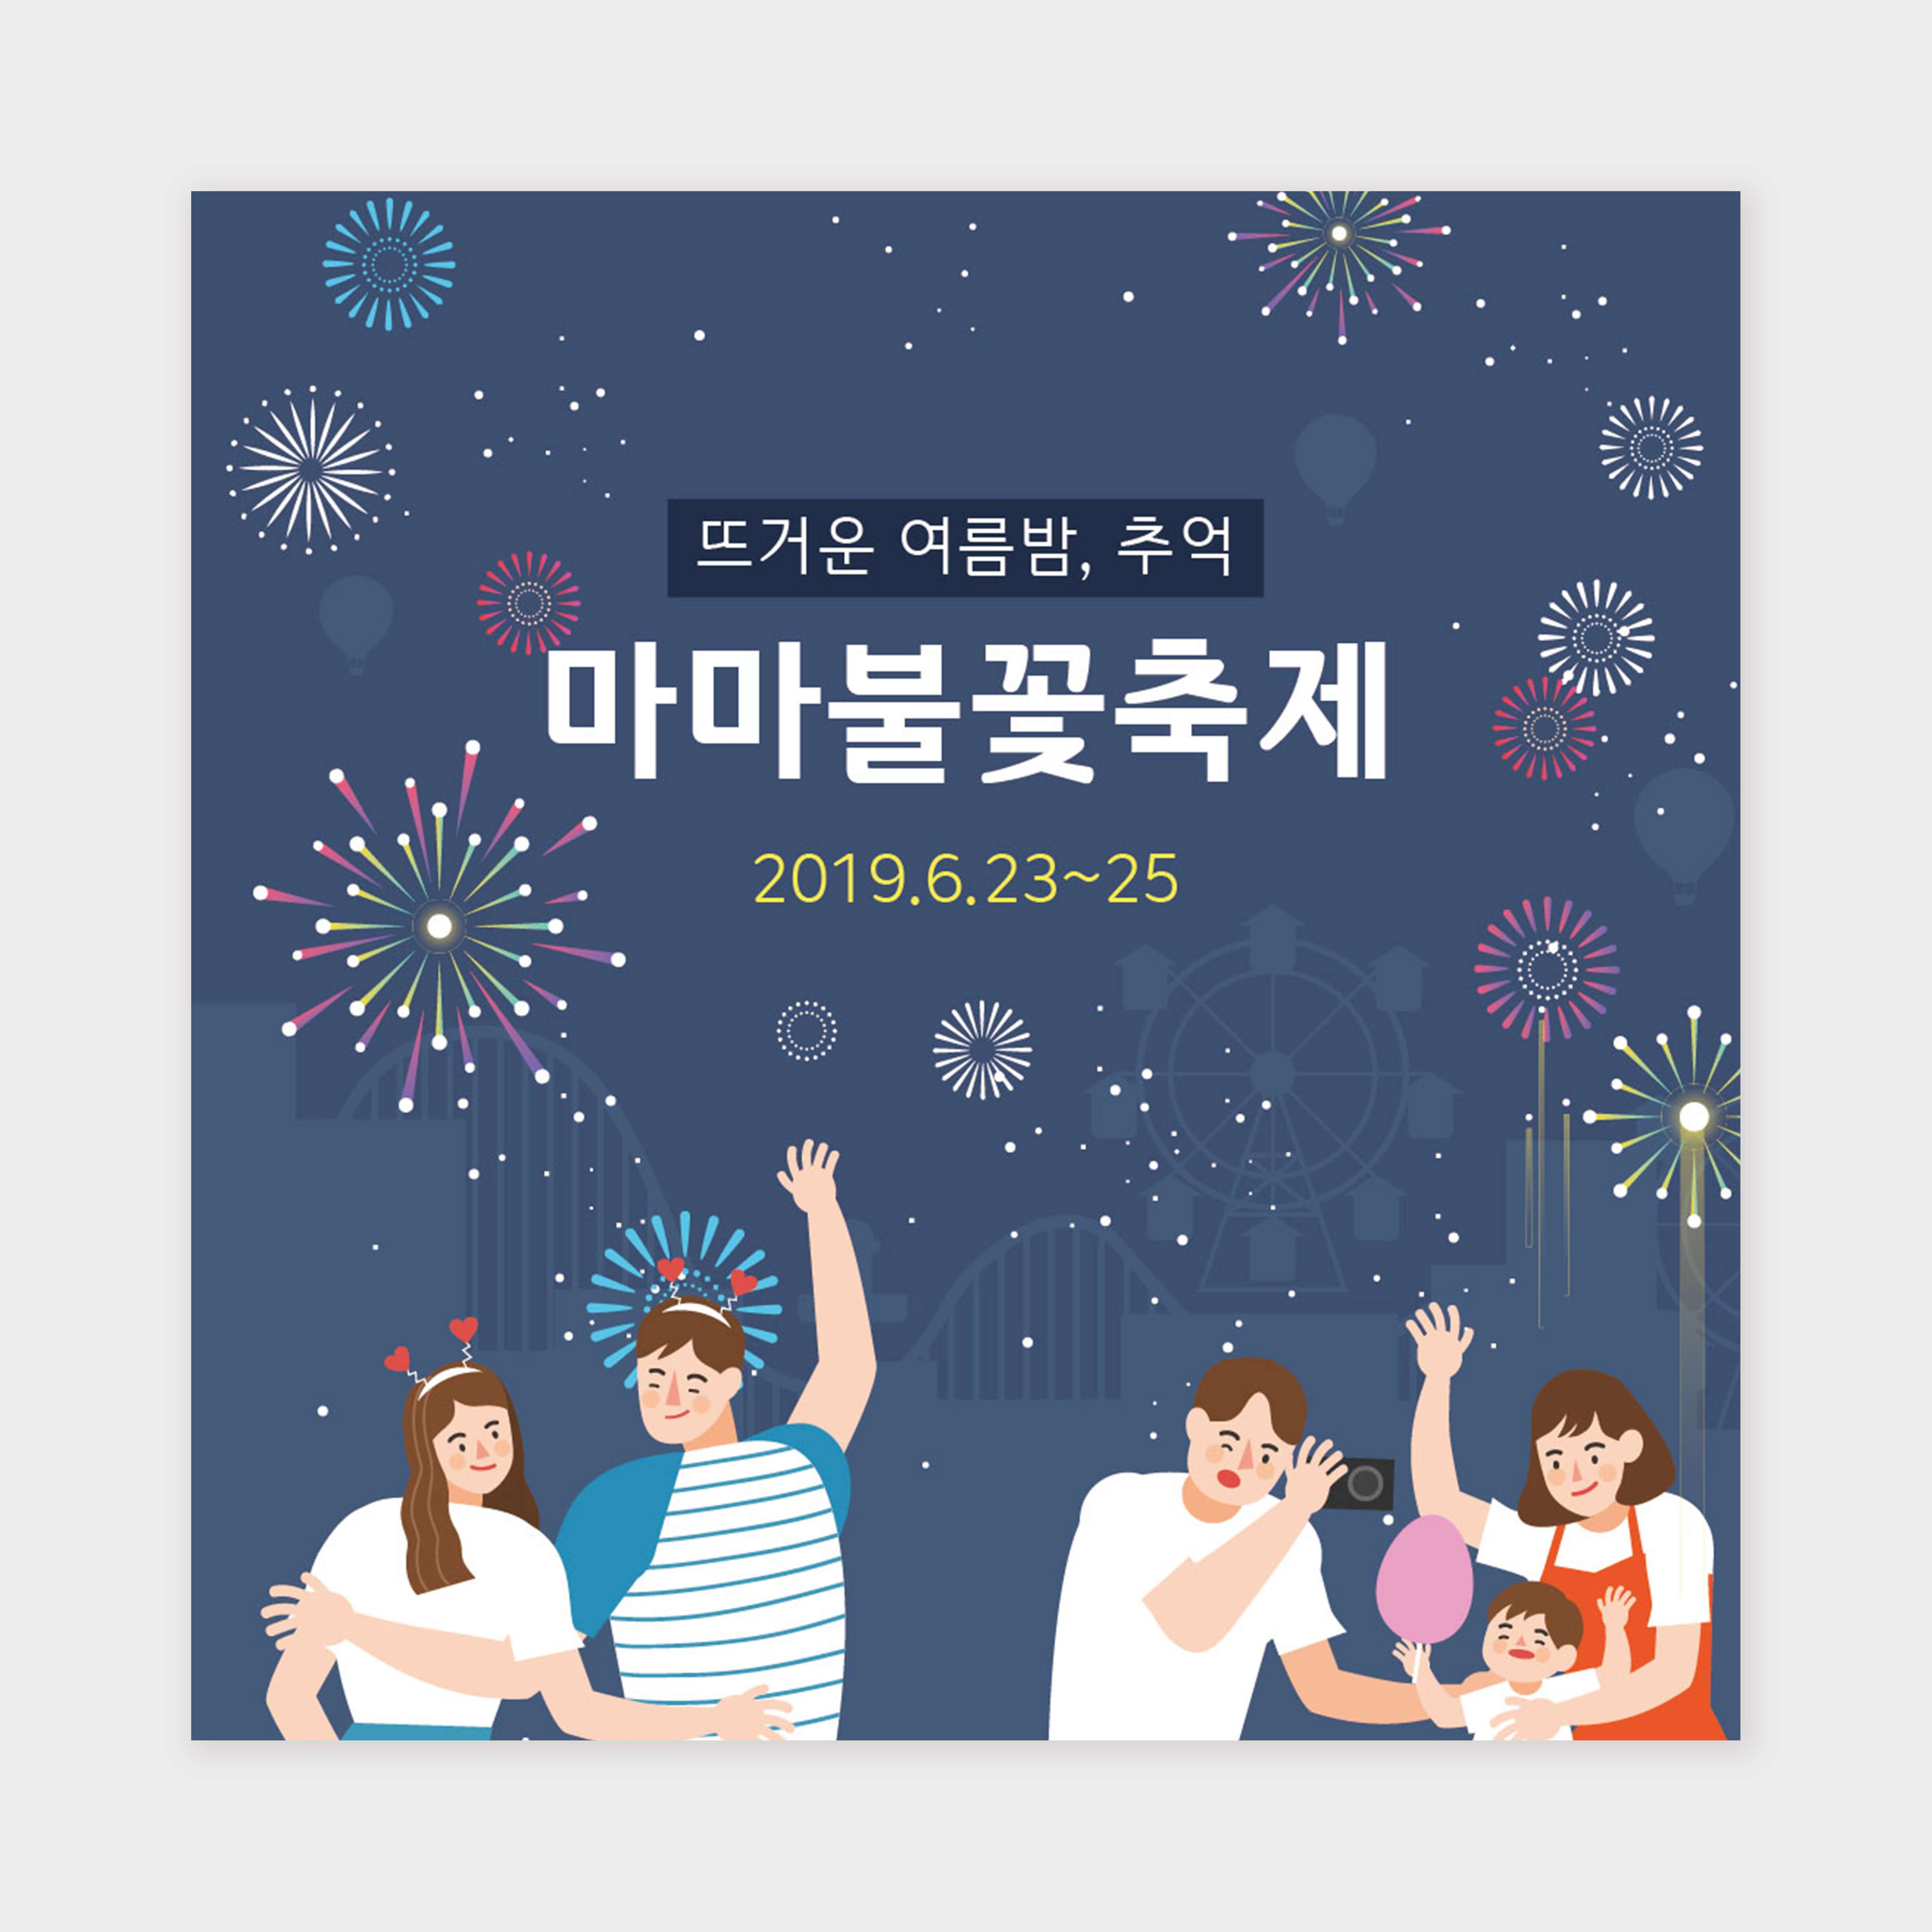 현수막_620